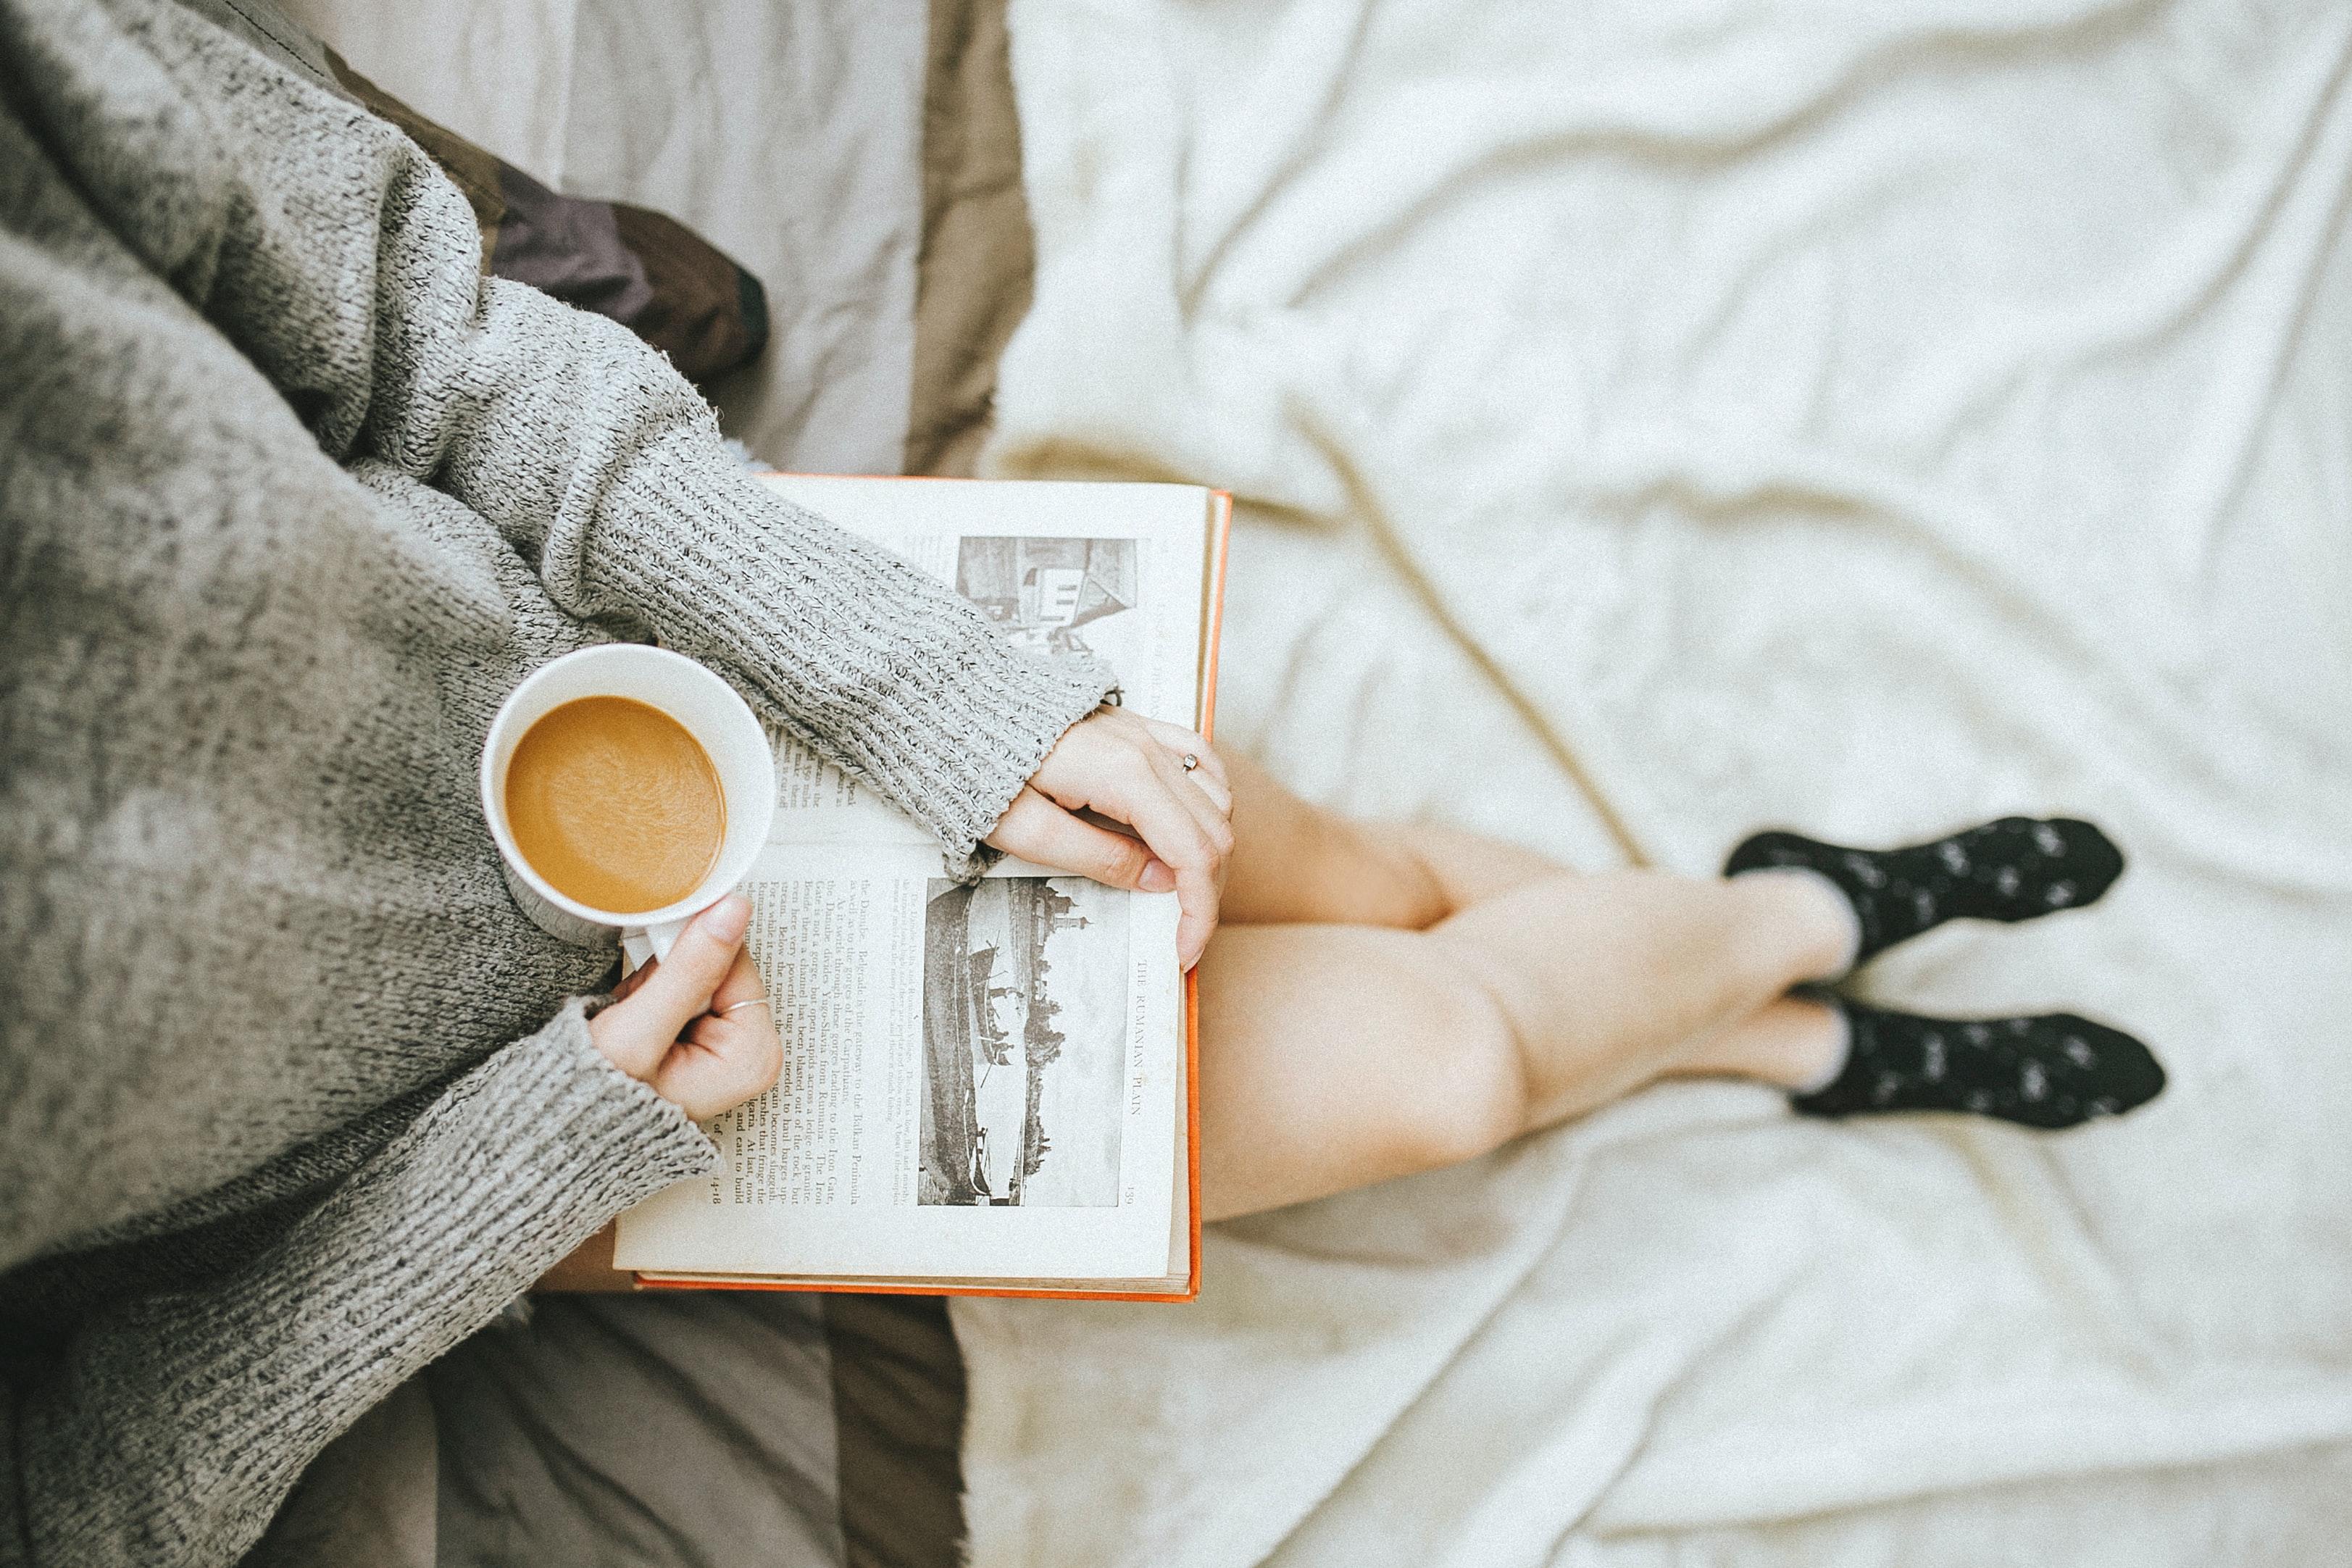 tuổi 30 cô gái đọc sách